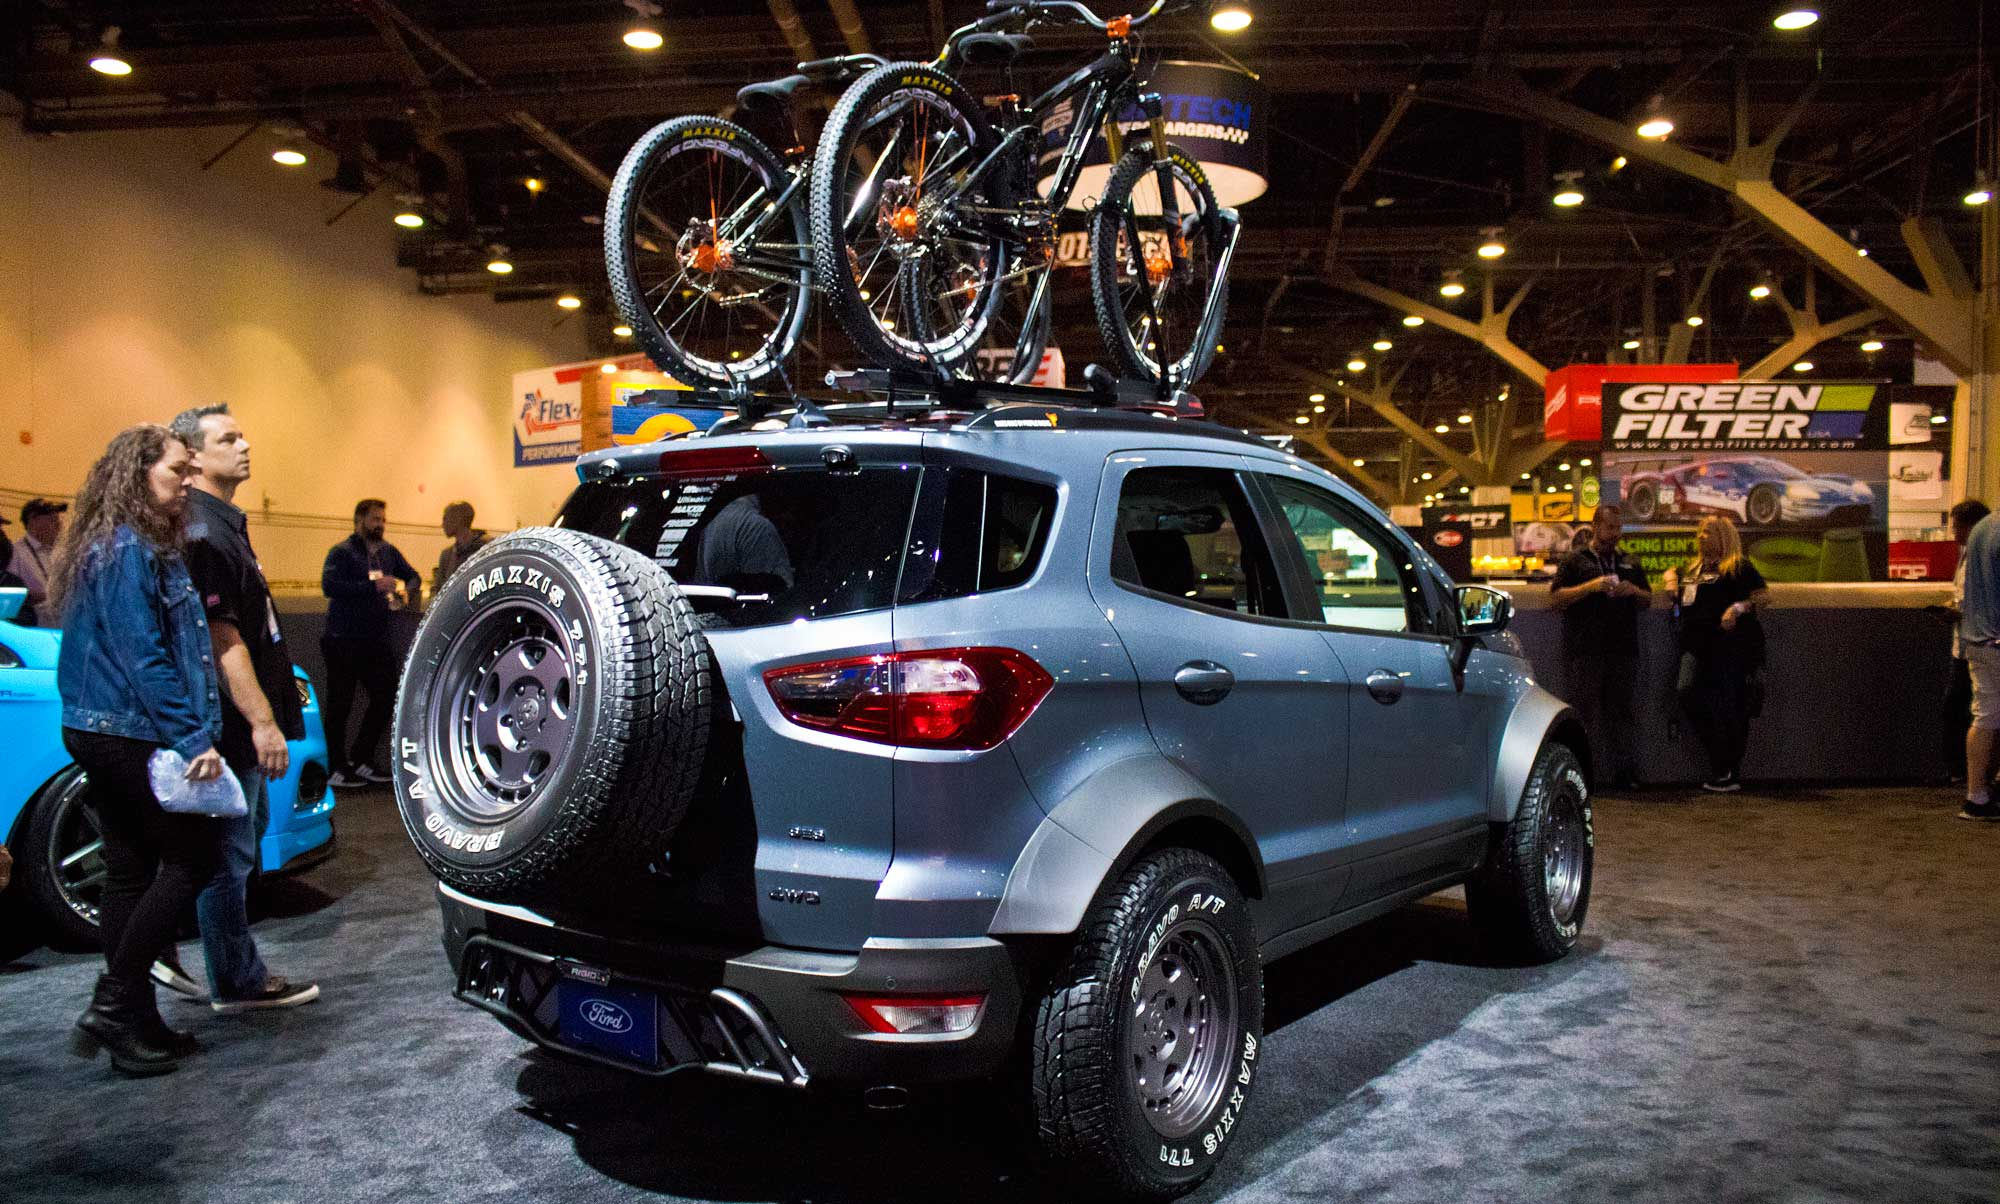 Honda Pick Up >> IMG_9214 - CRANKSHAFT CULTURE